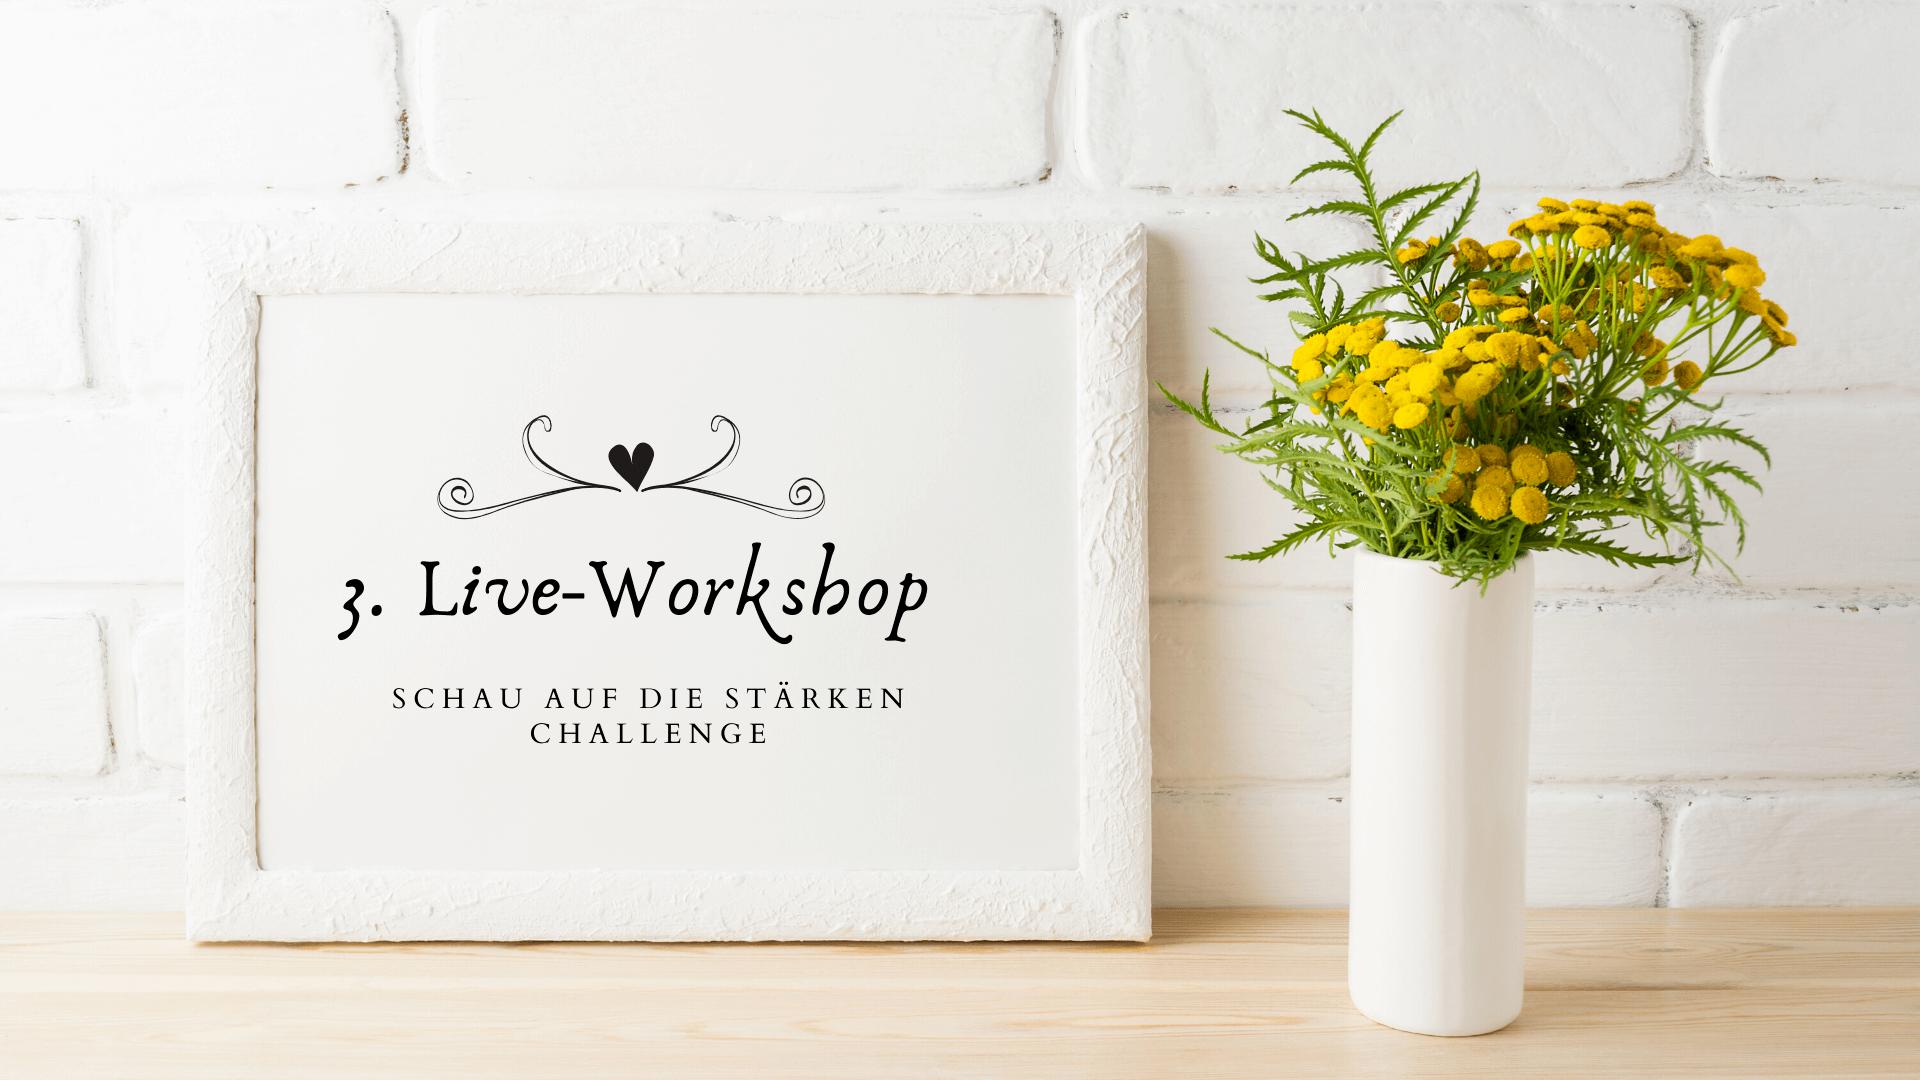 Stärken CHALLENGE Live-Workshop 3